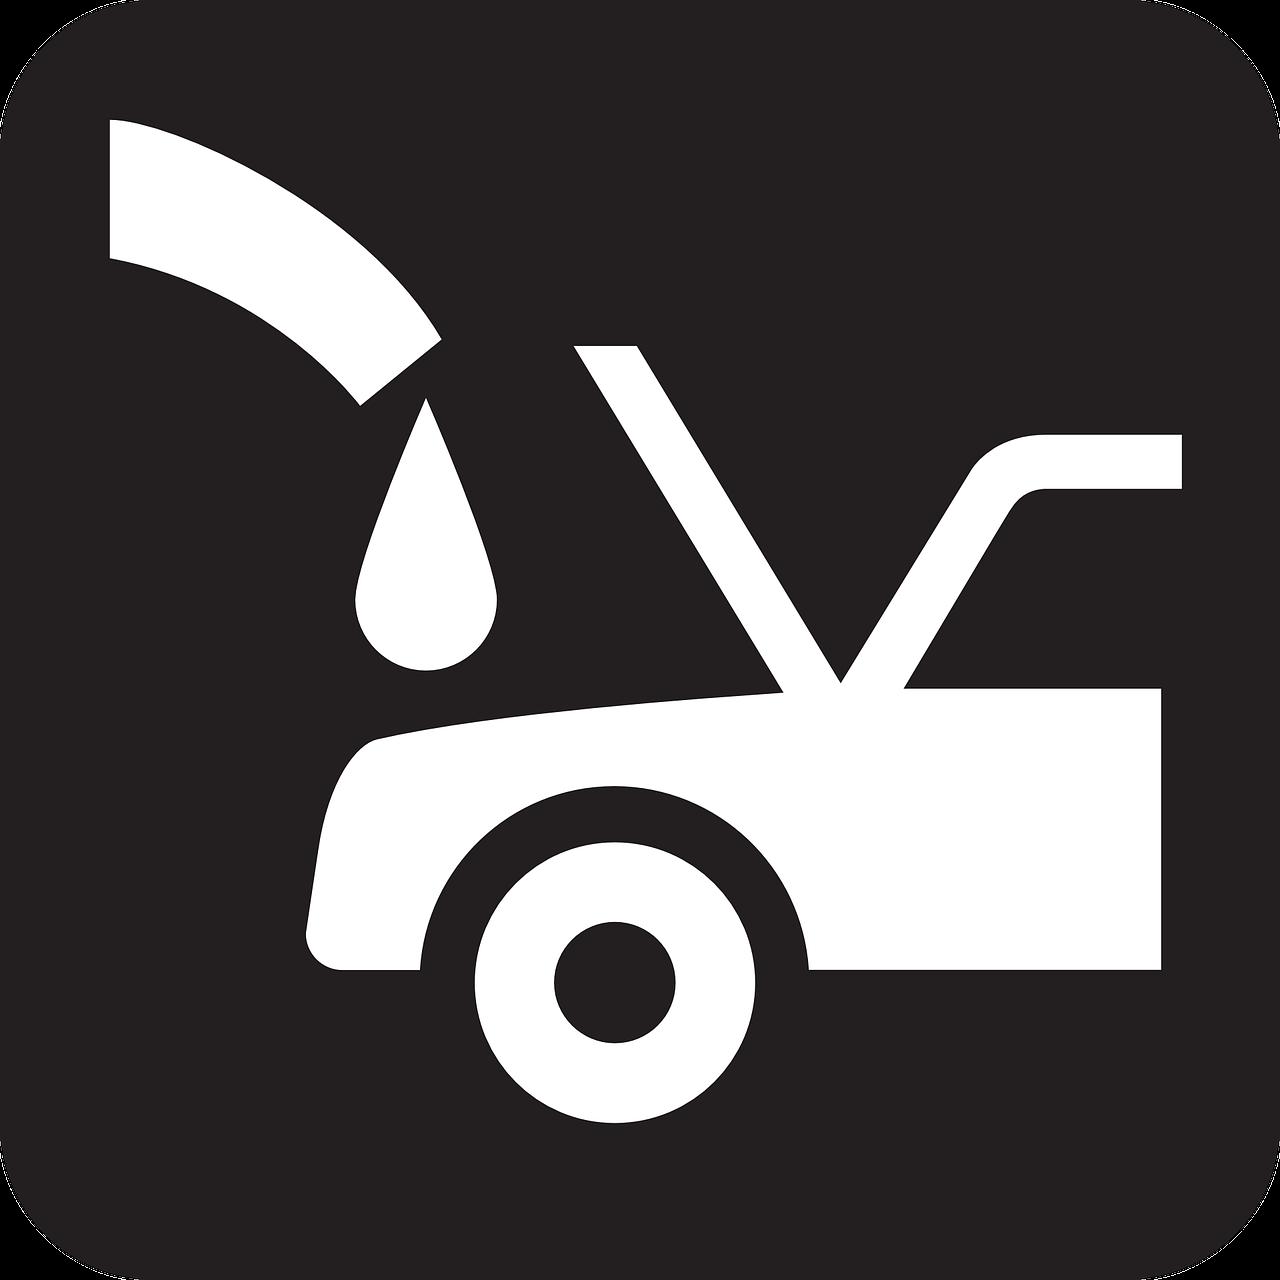 ガソリン添加剤の紹介|効果とその必要性